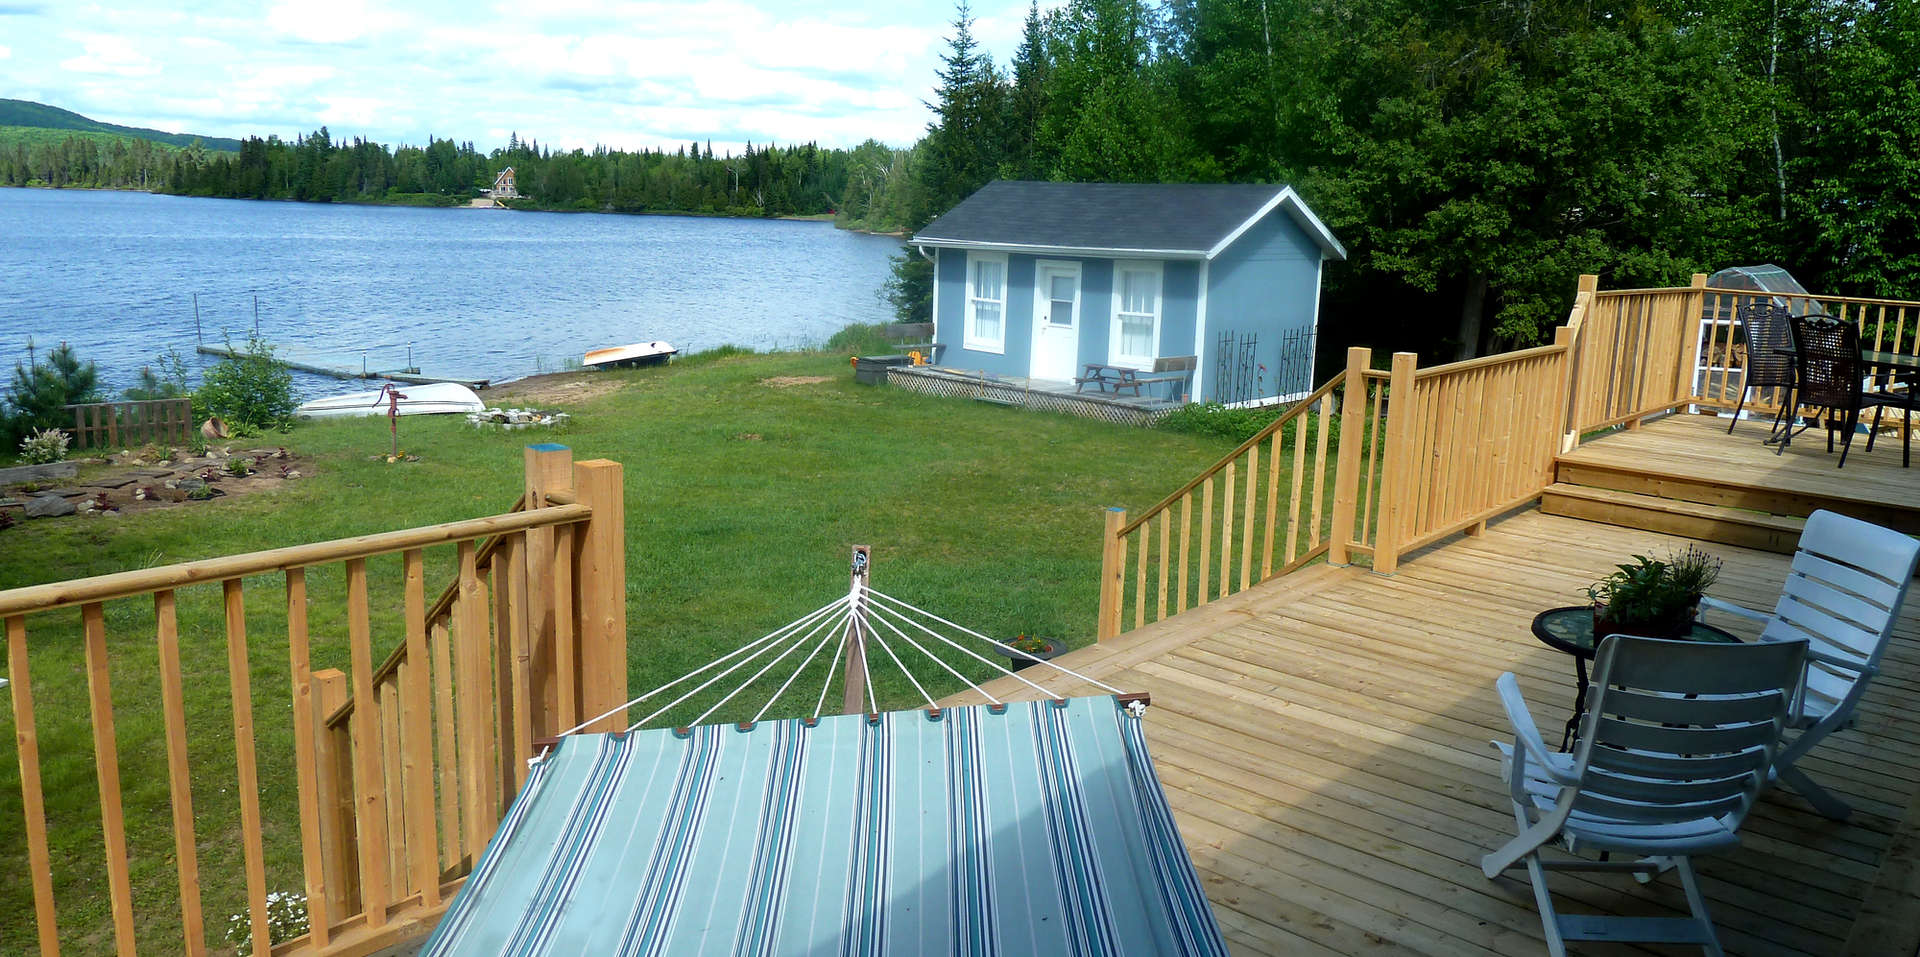 Chalet à louer au Québec   face au lac   4 saisons Le Cocooning L'Ascension   Vérands, hammac et cabane à jardin